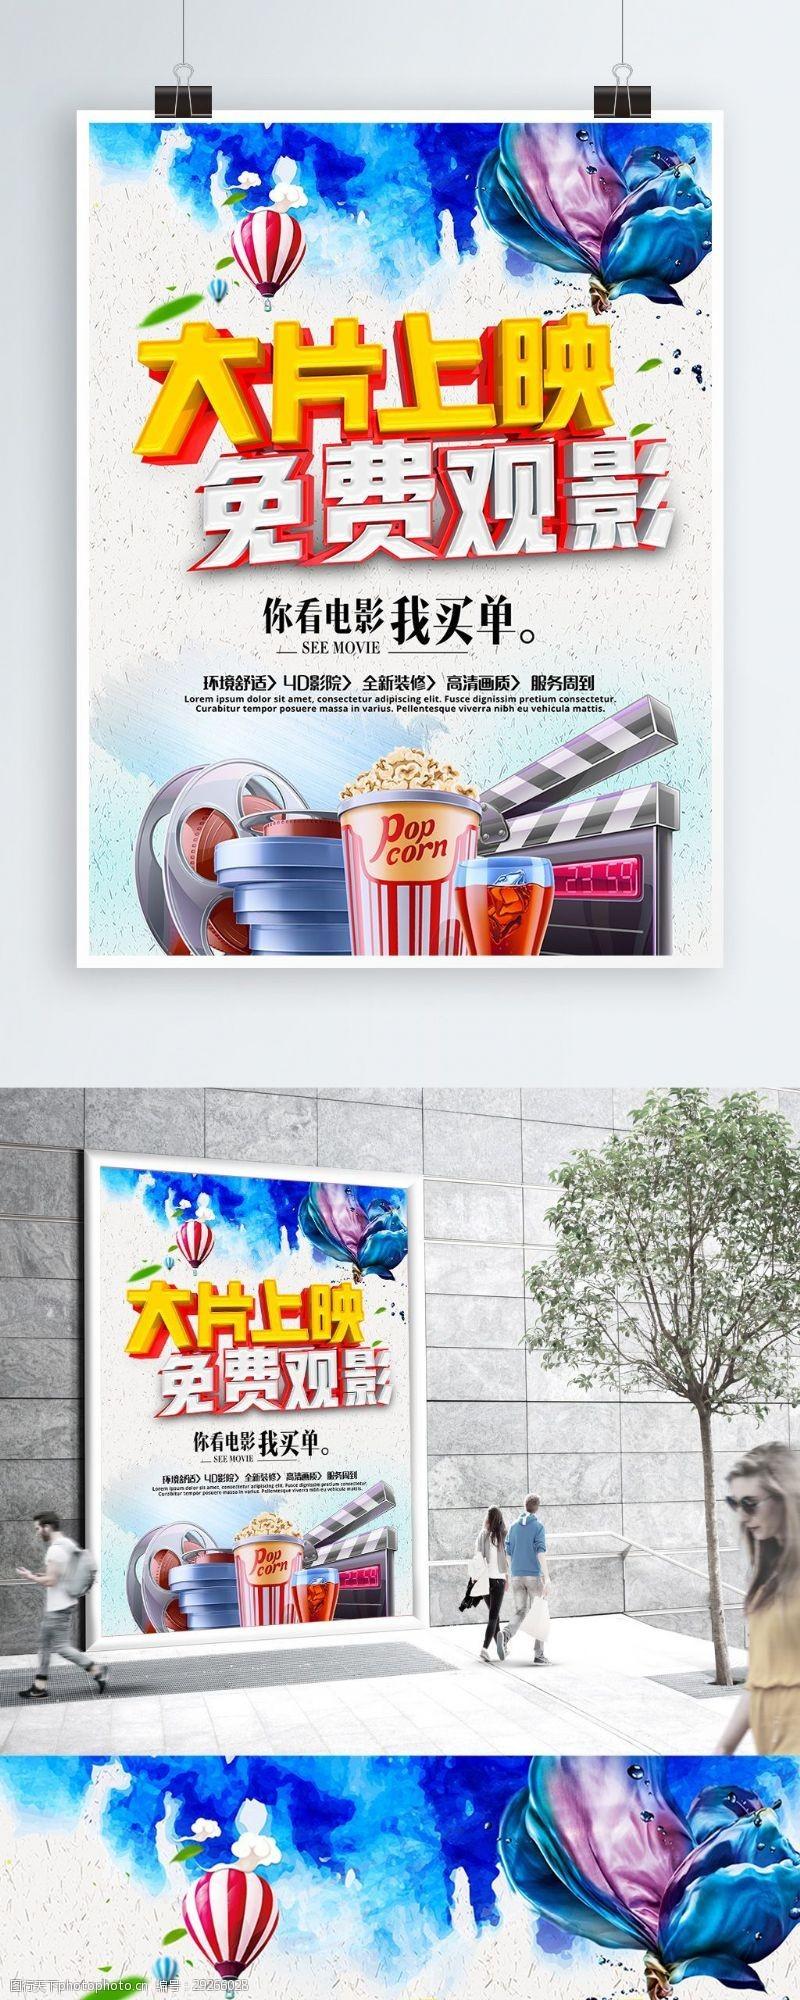 电影促销海报精美大气C4D渲染电影院宣传海报